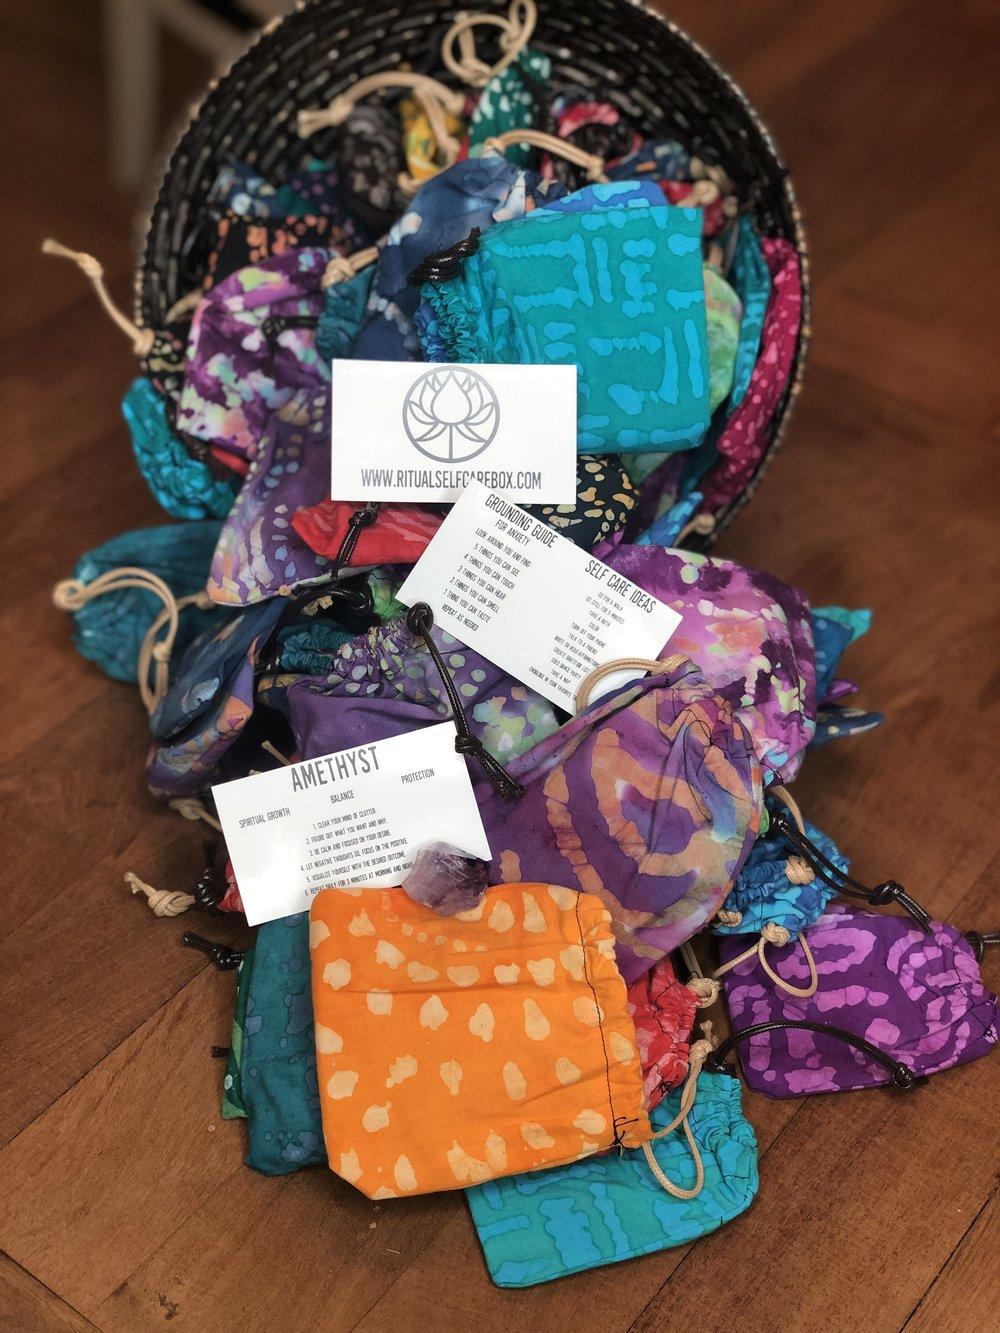 Ritual Self-Care Box - Crystal